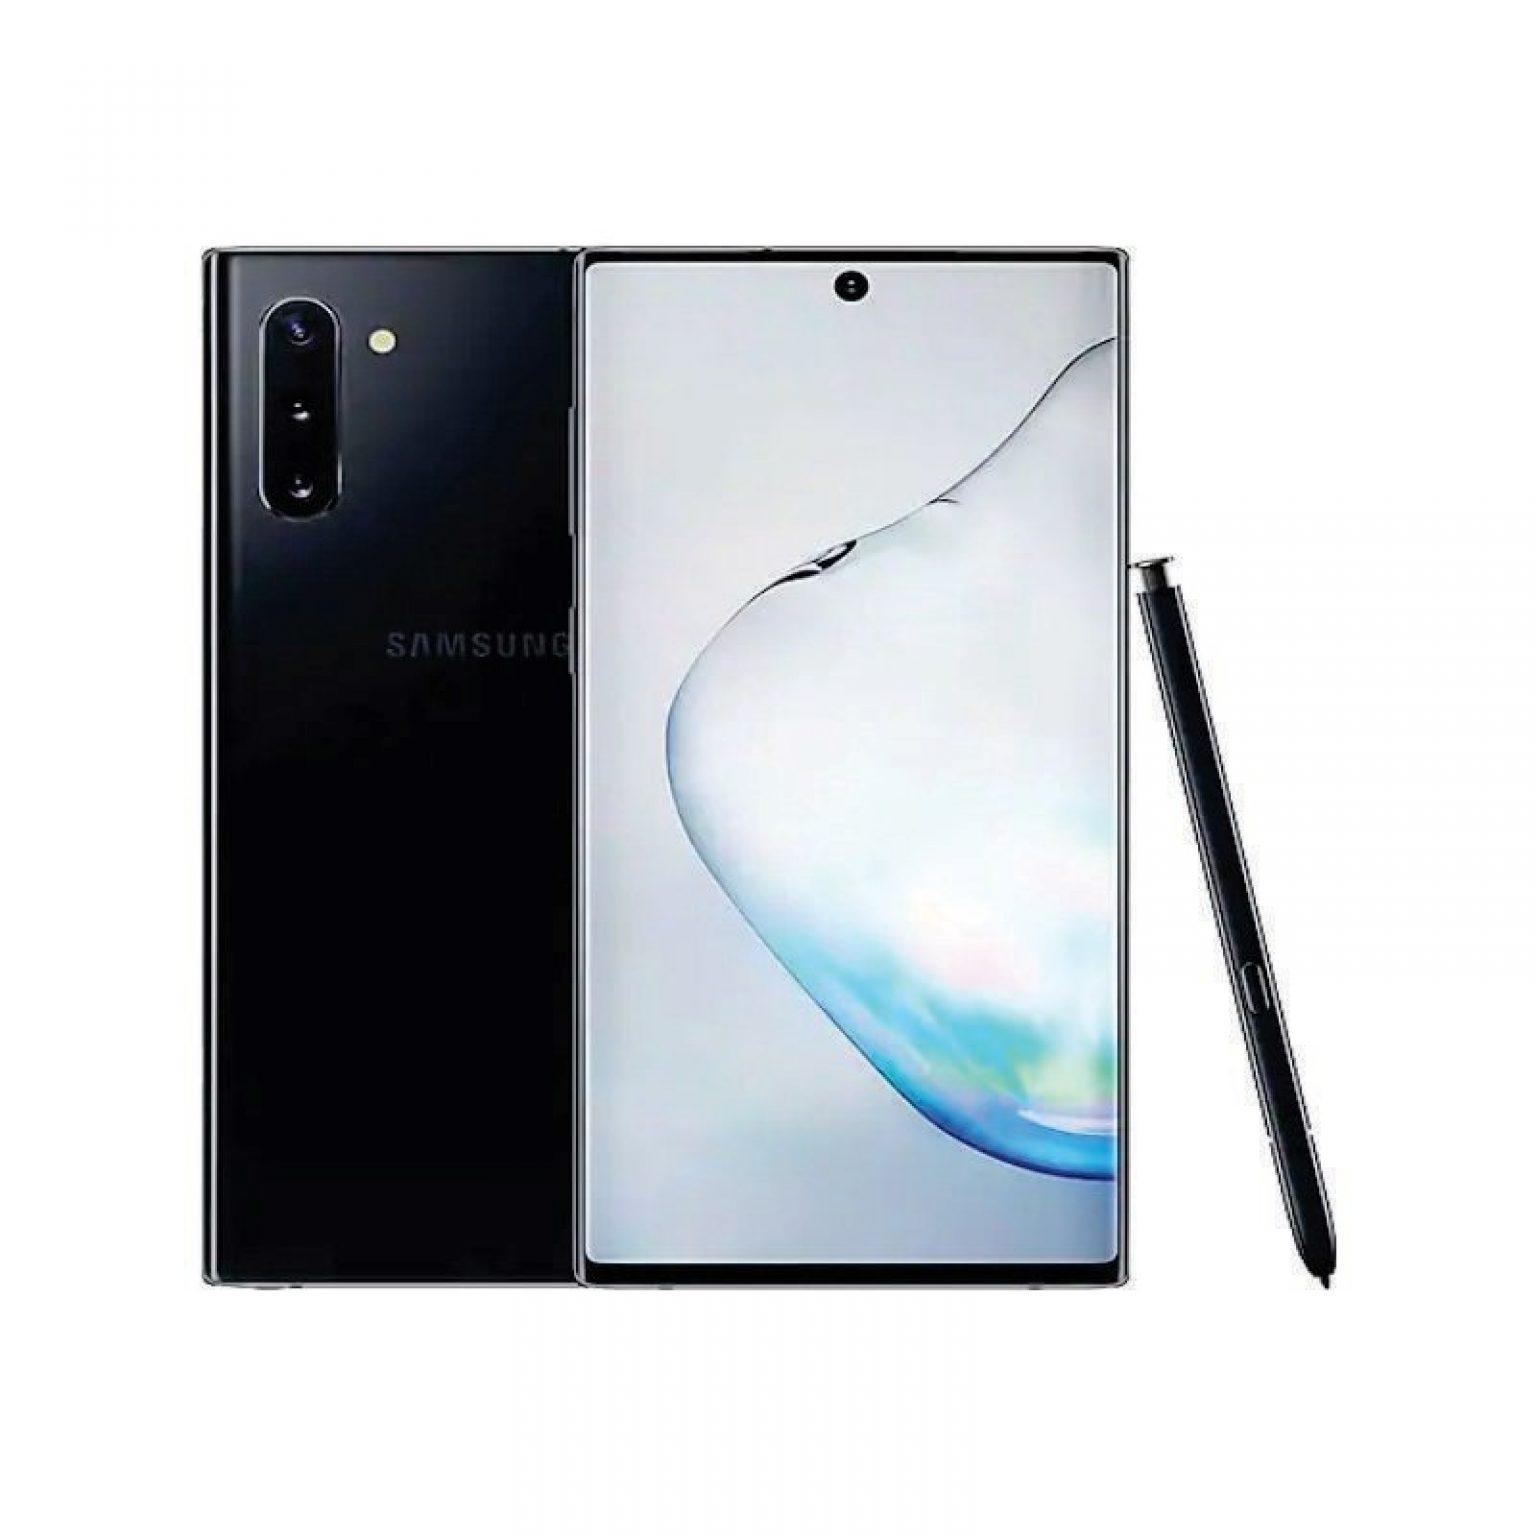 SAMSUNG - Galaxy Note 10+ 512 GB Aura Black [SM-N975FZKGXID]